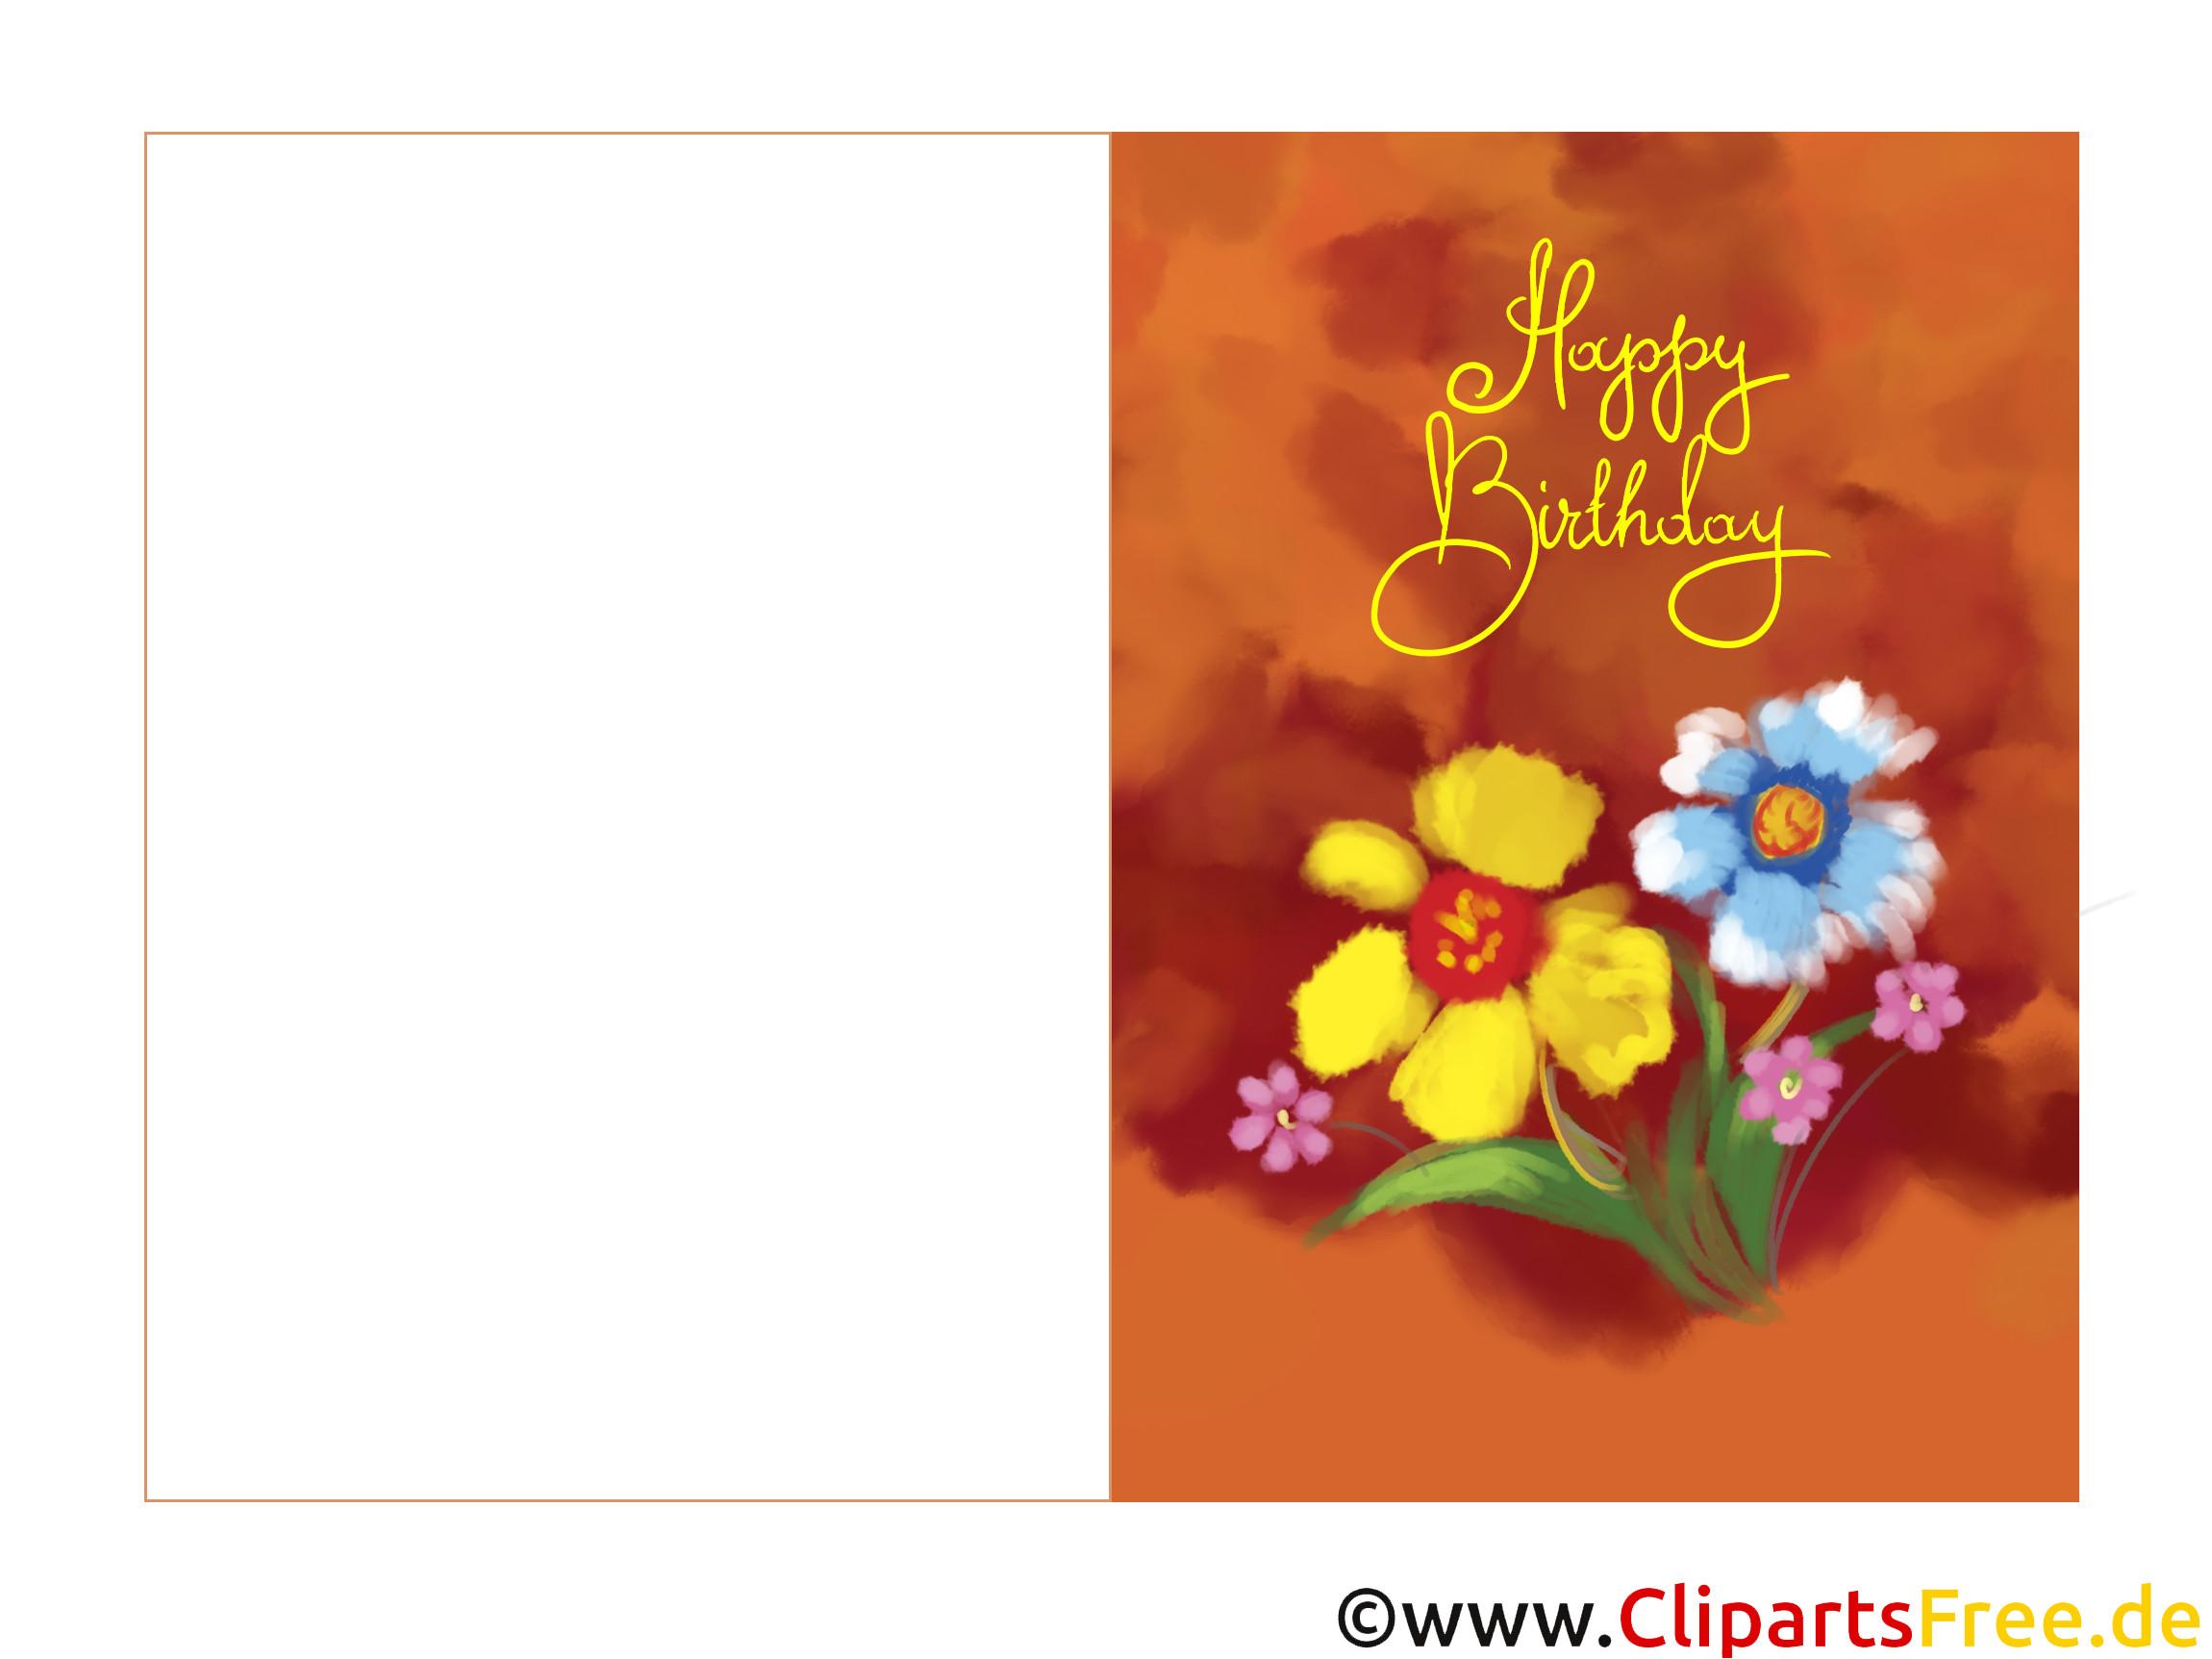 Geburtstagskarten Drucken  Elektronische Geburtstagskarte kostenlos zum Runterladen